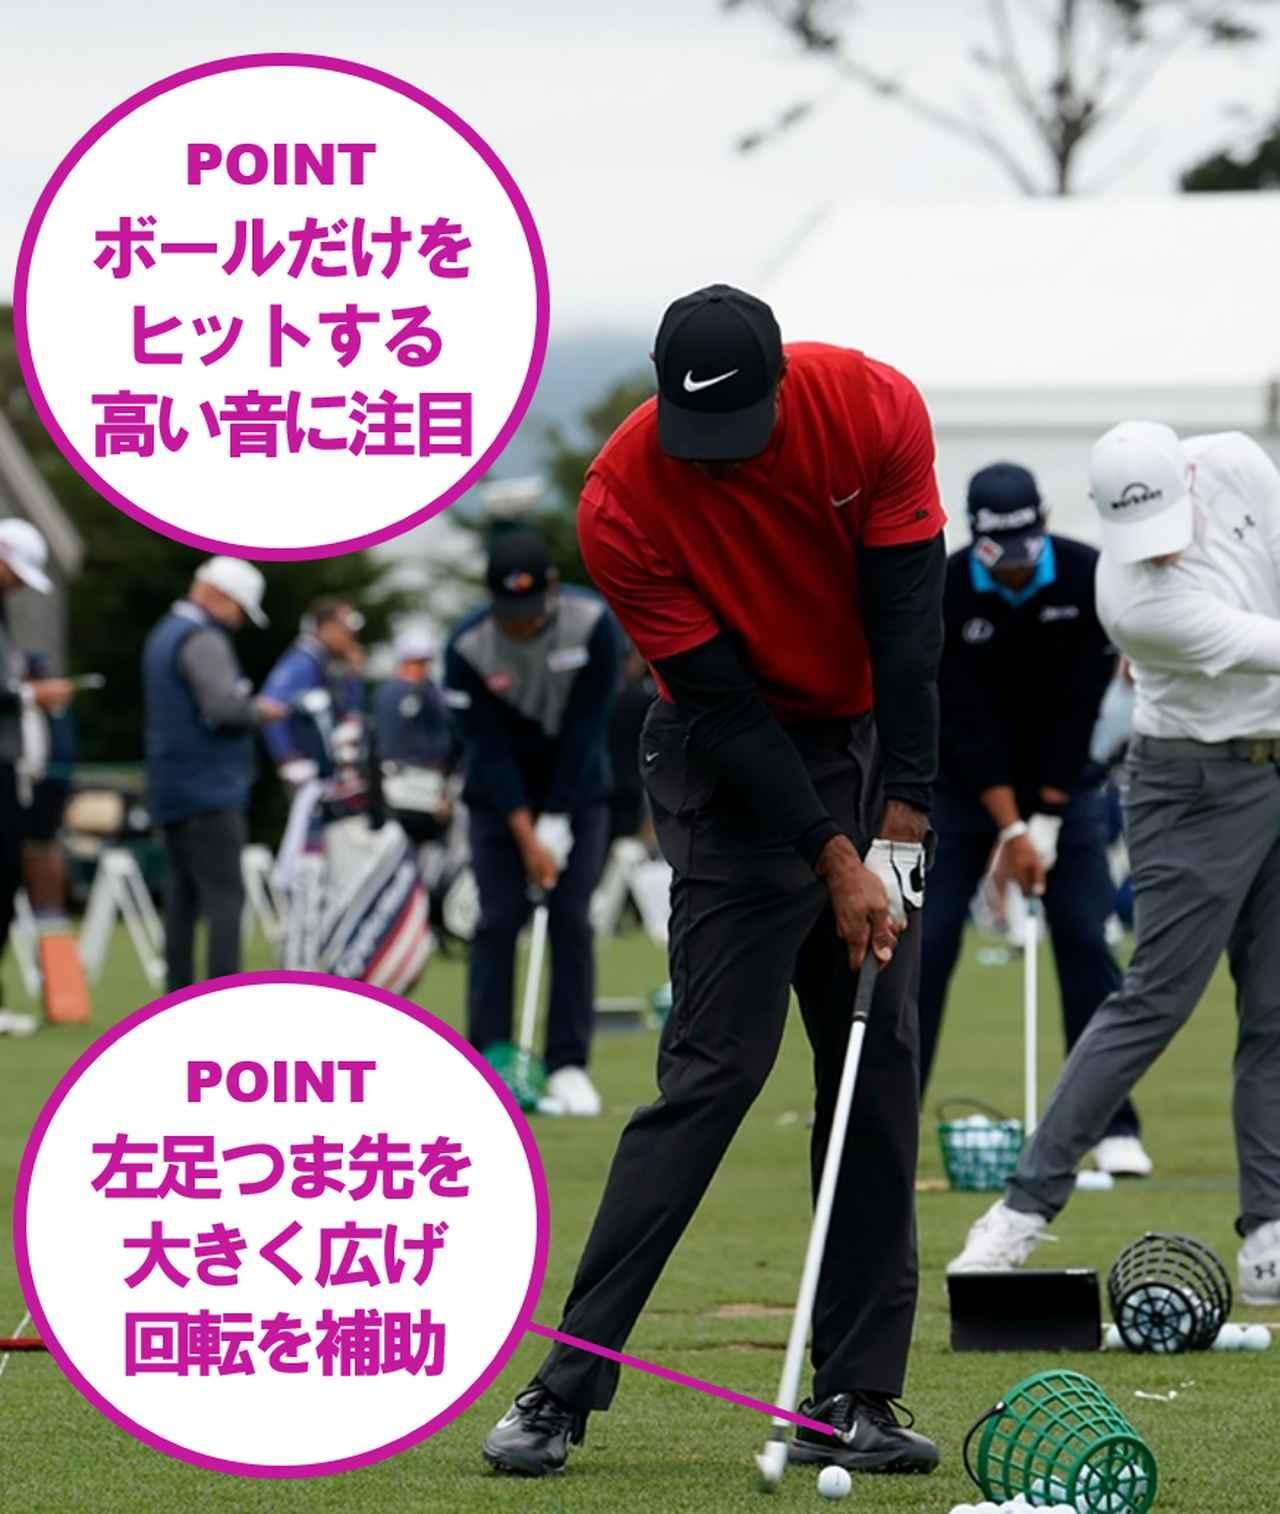 画像2: 【ZOZO選手権】本場PGAツアーがやってくる。解説陣が語る「世界のトップのココを見よ!」タイガー、マキロイ、デイ、バッバ……